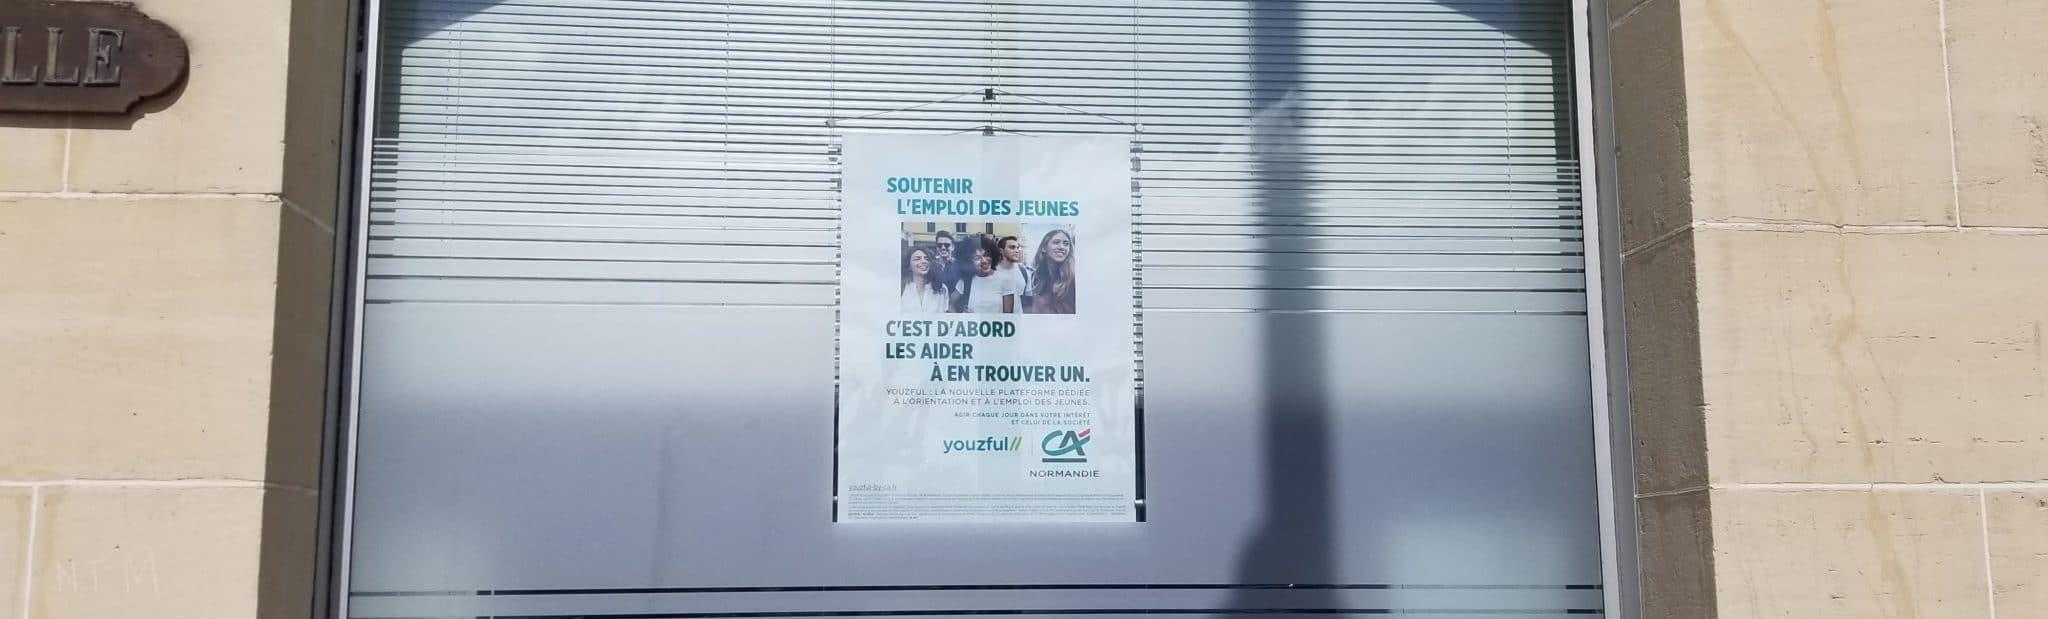 De nouveaux adhésifs pour l'agence du Crédit Agricole à Trouville-sur-Mer